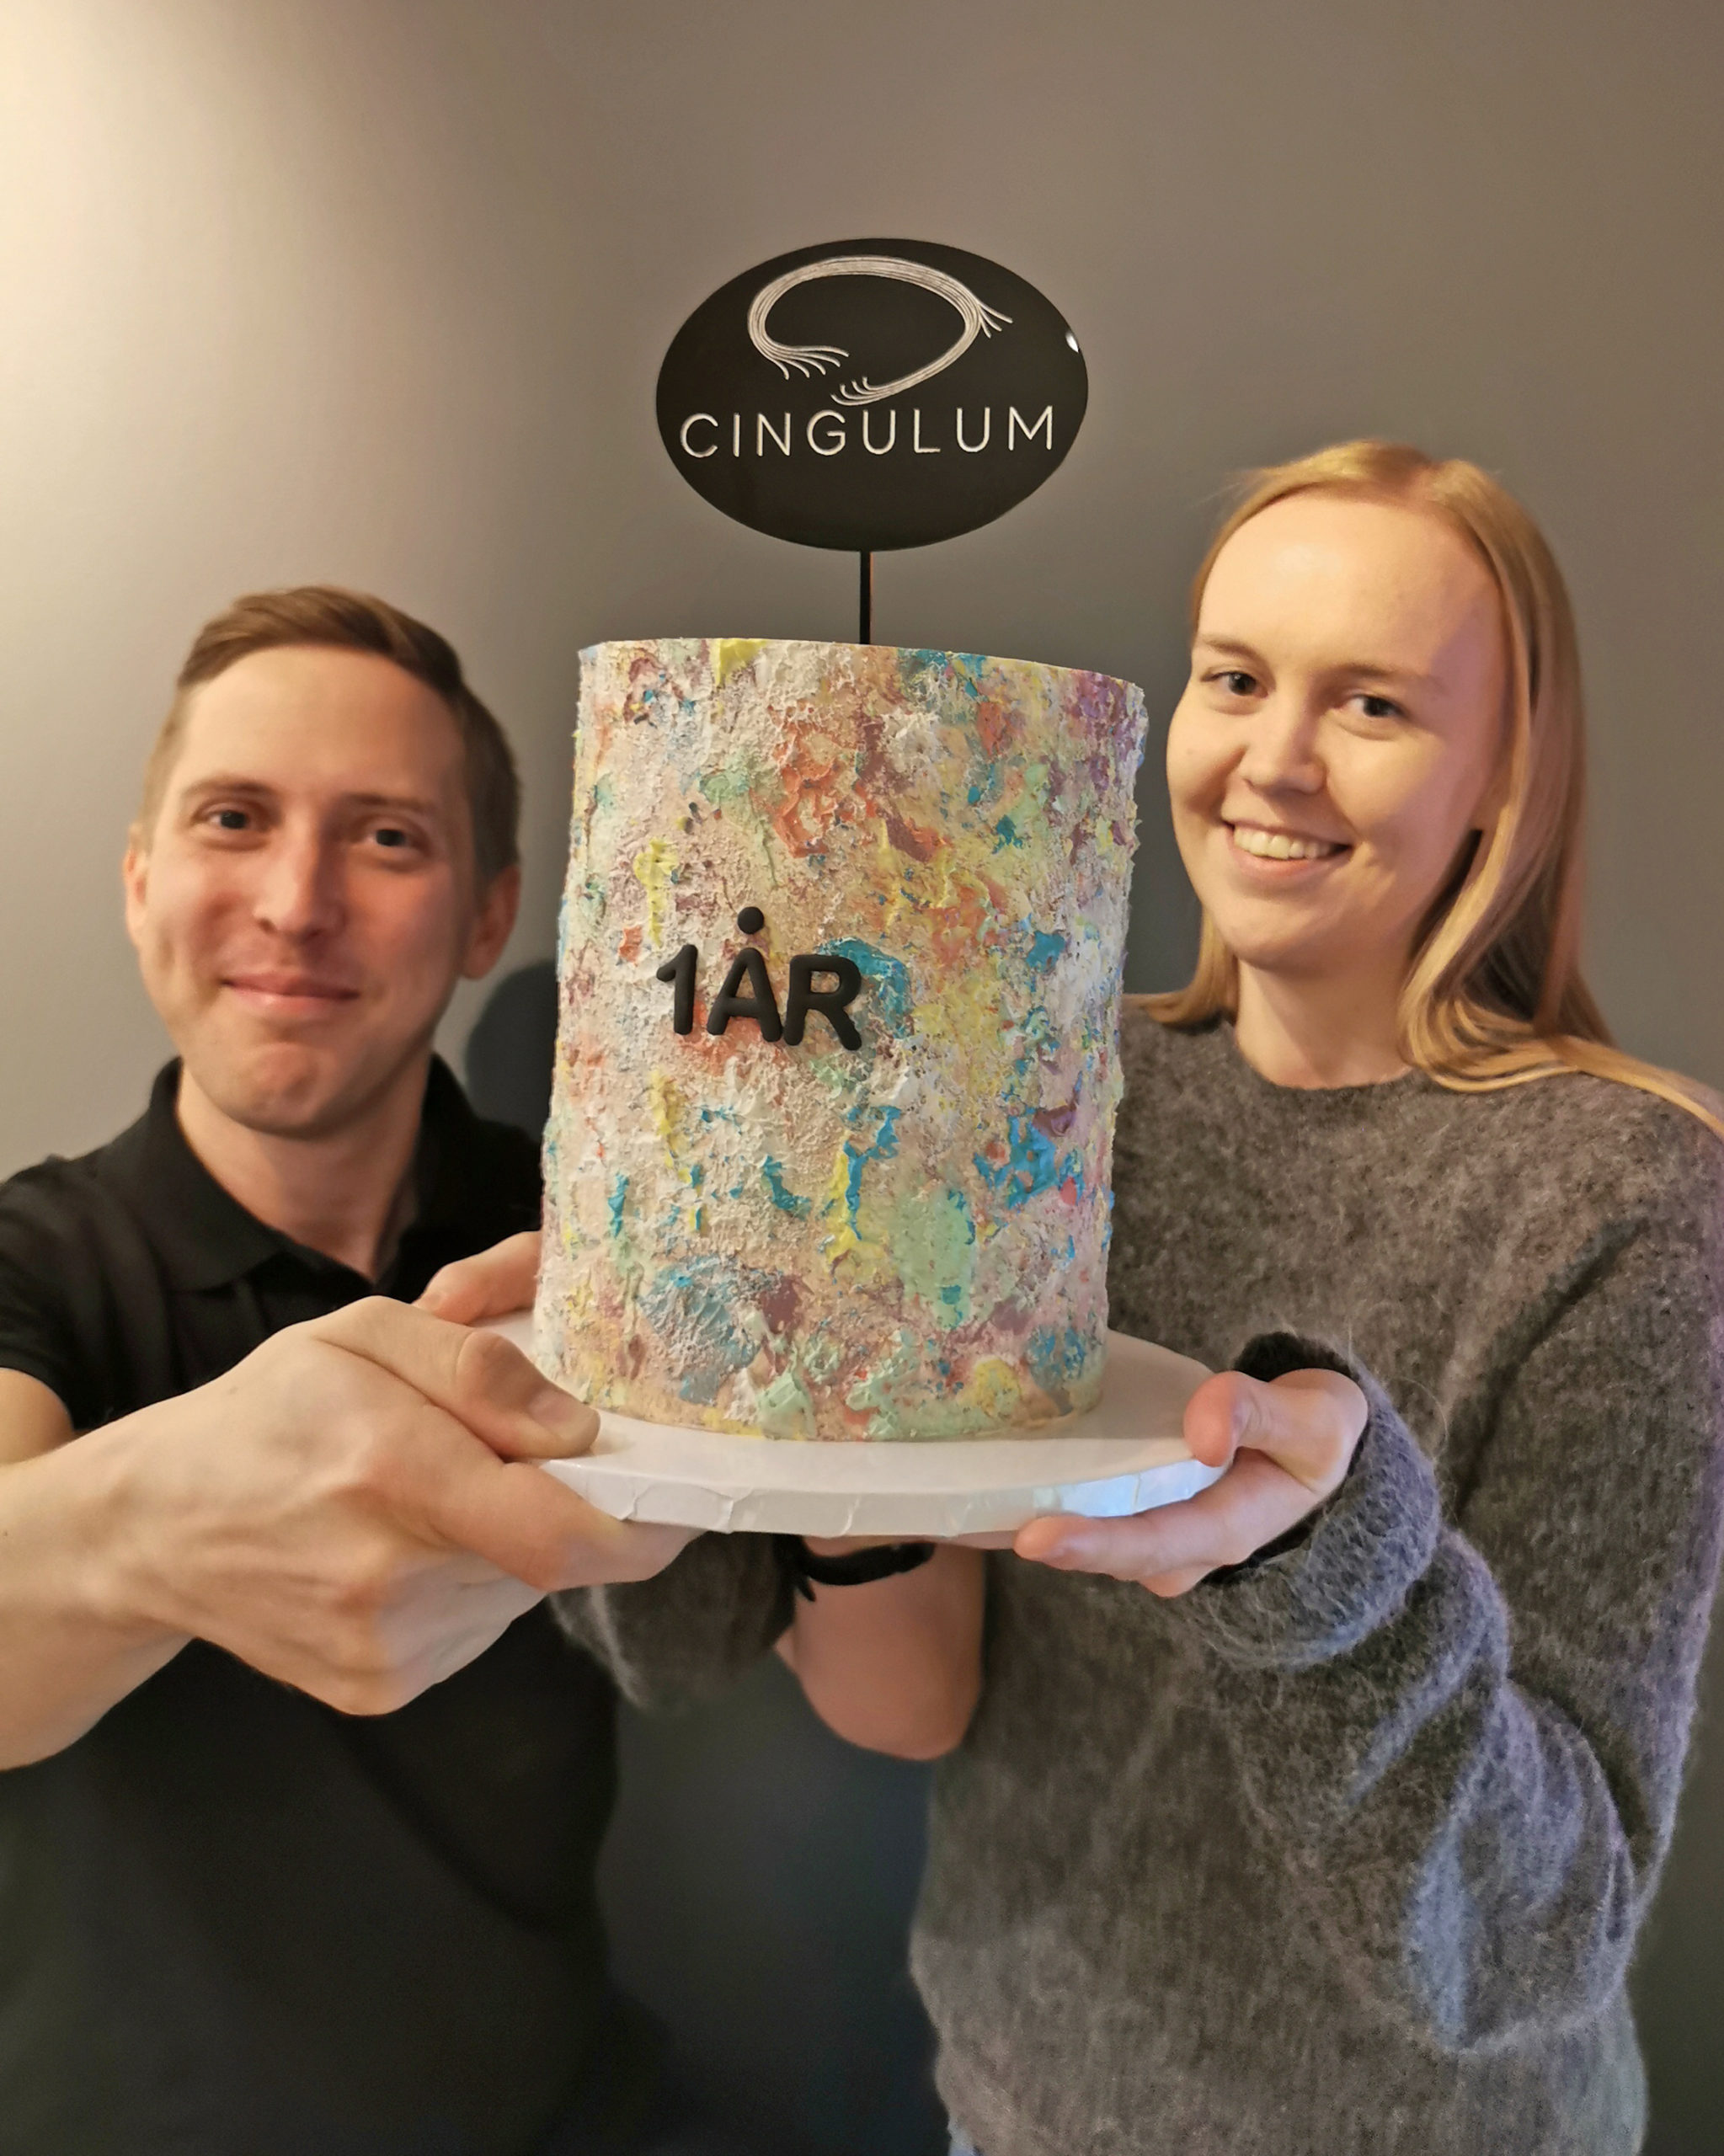 Bilde av Linn og Anders som holder bursdagskake, Cingulum fyller ett år